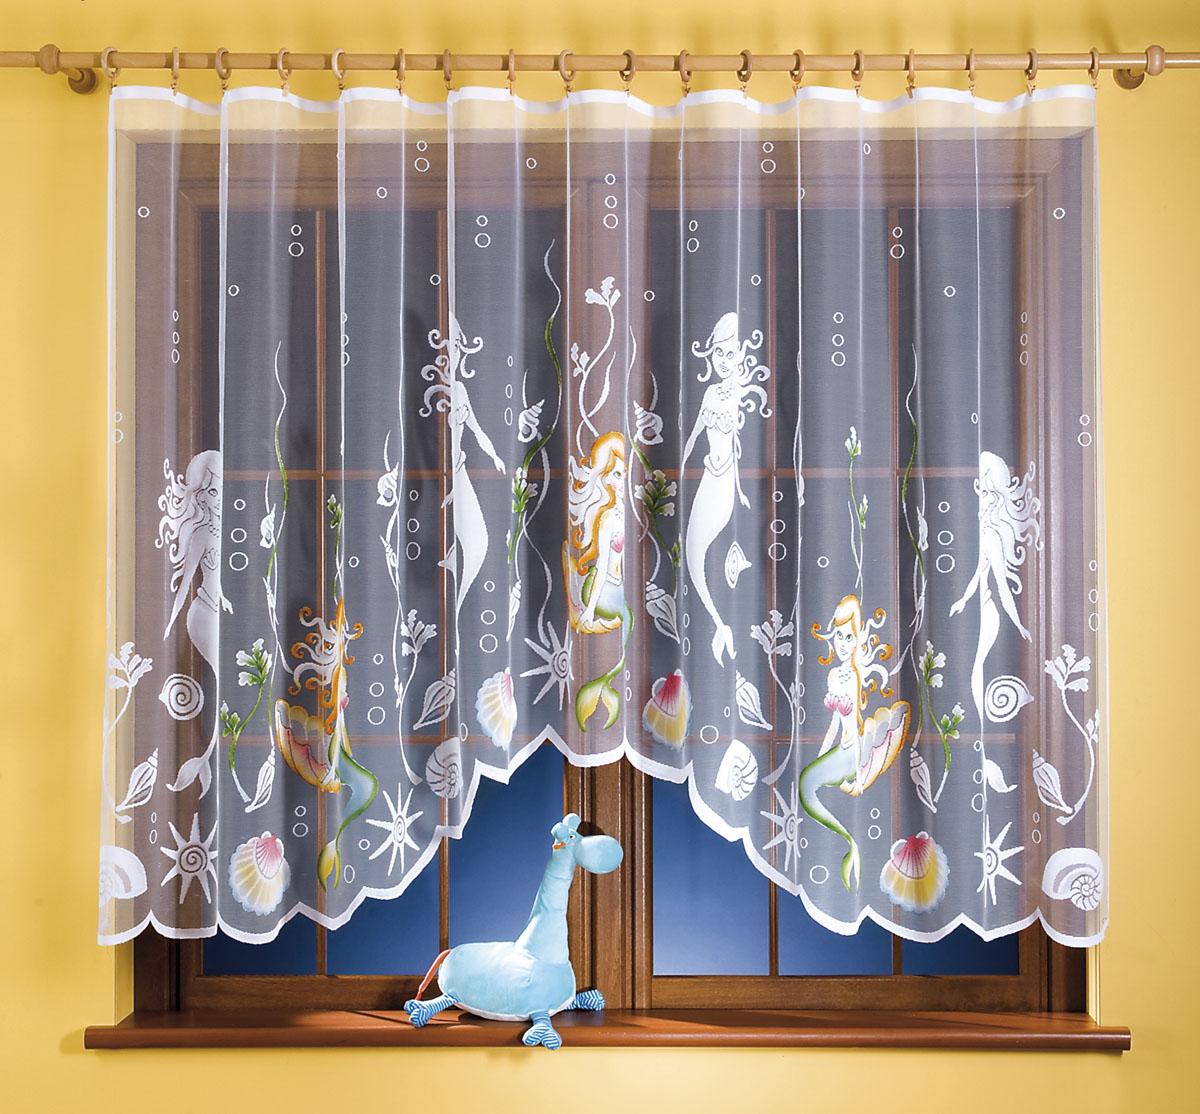 Гардина Syrenka, цвет: белый, высота 150 см662036Гардина Syrenka станет великолепным украшением любого окна. Гардина выполнена из легкого полиэстера белого цвета и оформлена изображением русалок. Тонкое плетение, оригинальный дизайн и нежная цветовая гамма привлекут внимание и украсят интерьер помещения. Гардина крепится к карнизу только с помощью зажимов (в комплект не входят). Характеристики: Материал: 100% полиэстер. Цвет: белый. Размер упаковки: 27 см х 35 см х 3 см. Артикул: 662036. В комплект входит: Гардина - 1 шт. Размер (ШхВ): 300 см х 150 см. Фирма Wisan на польском рынке существует уже более пятидесяти лет и является одной из лучших польских фабрик по производству штор и тканей. Ассортимент фирмы представлен готовыми комплектами штор для гостиной, детской, кухни, а также текстилем для кухни (скатерти, салфетки, дорожки, кухонные занавески). Модельный ряд отличает оригинальный дизайн, высокое качество. Ассортимент продукции постоянно пополняется.